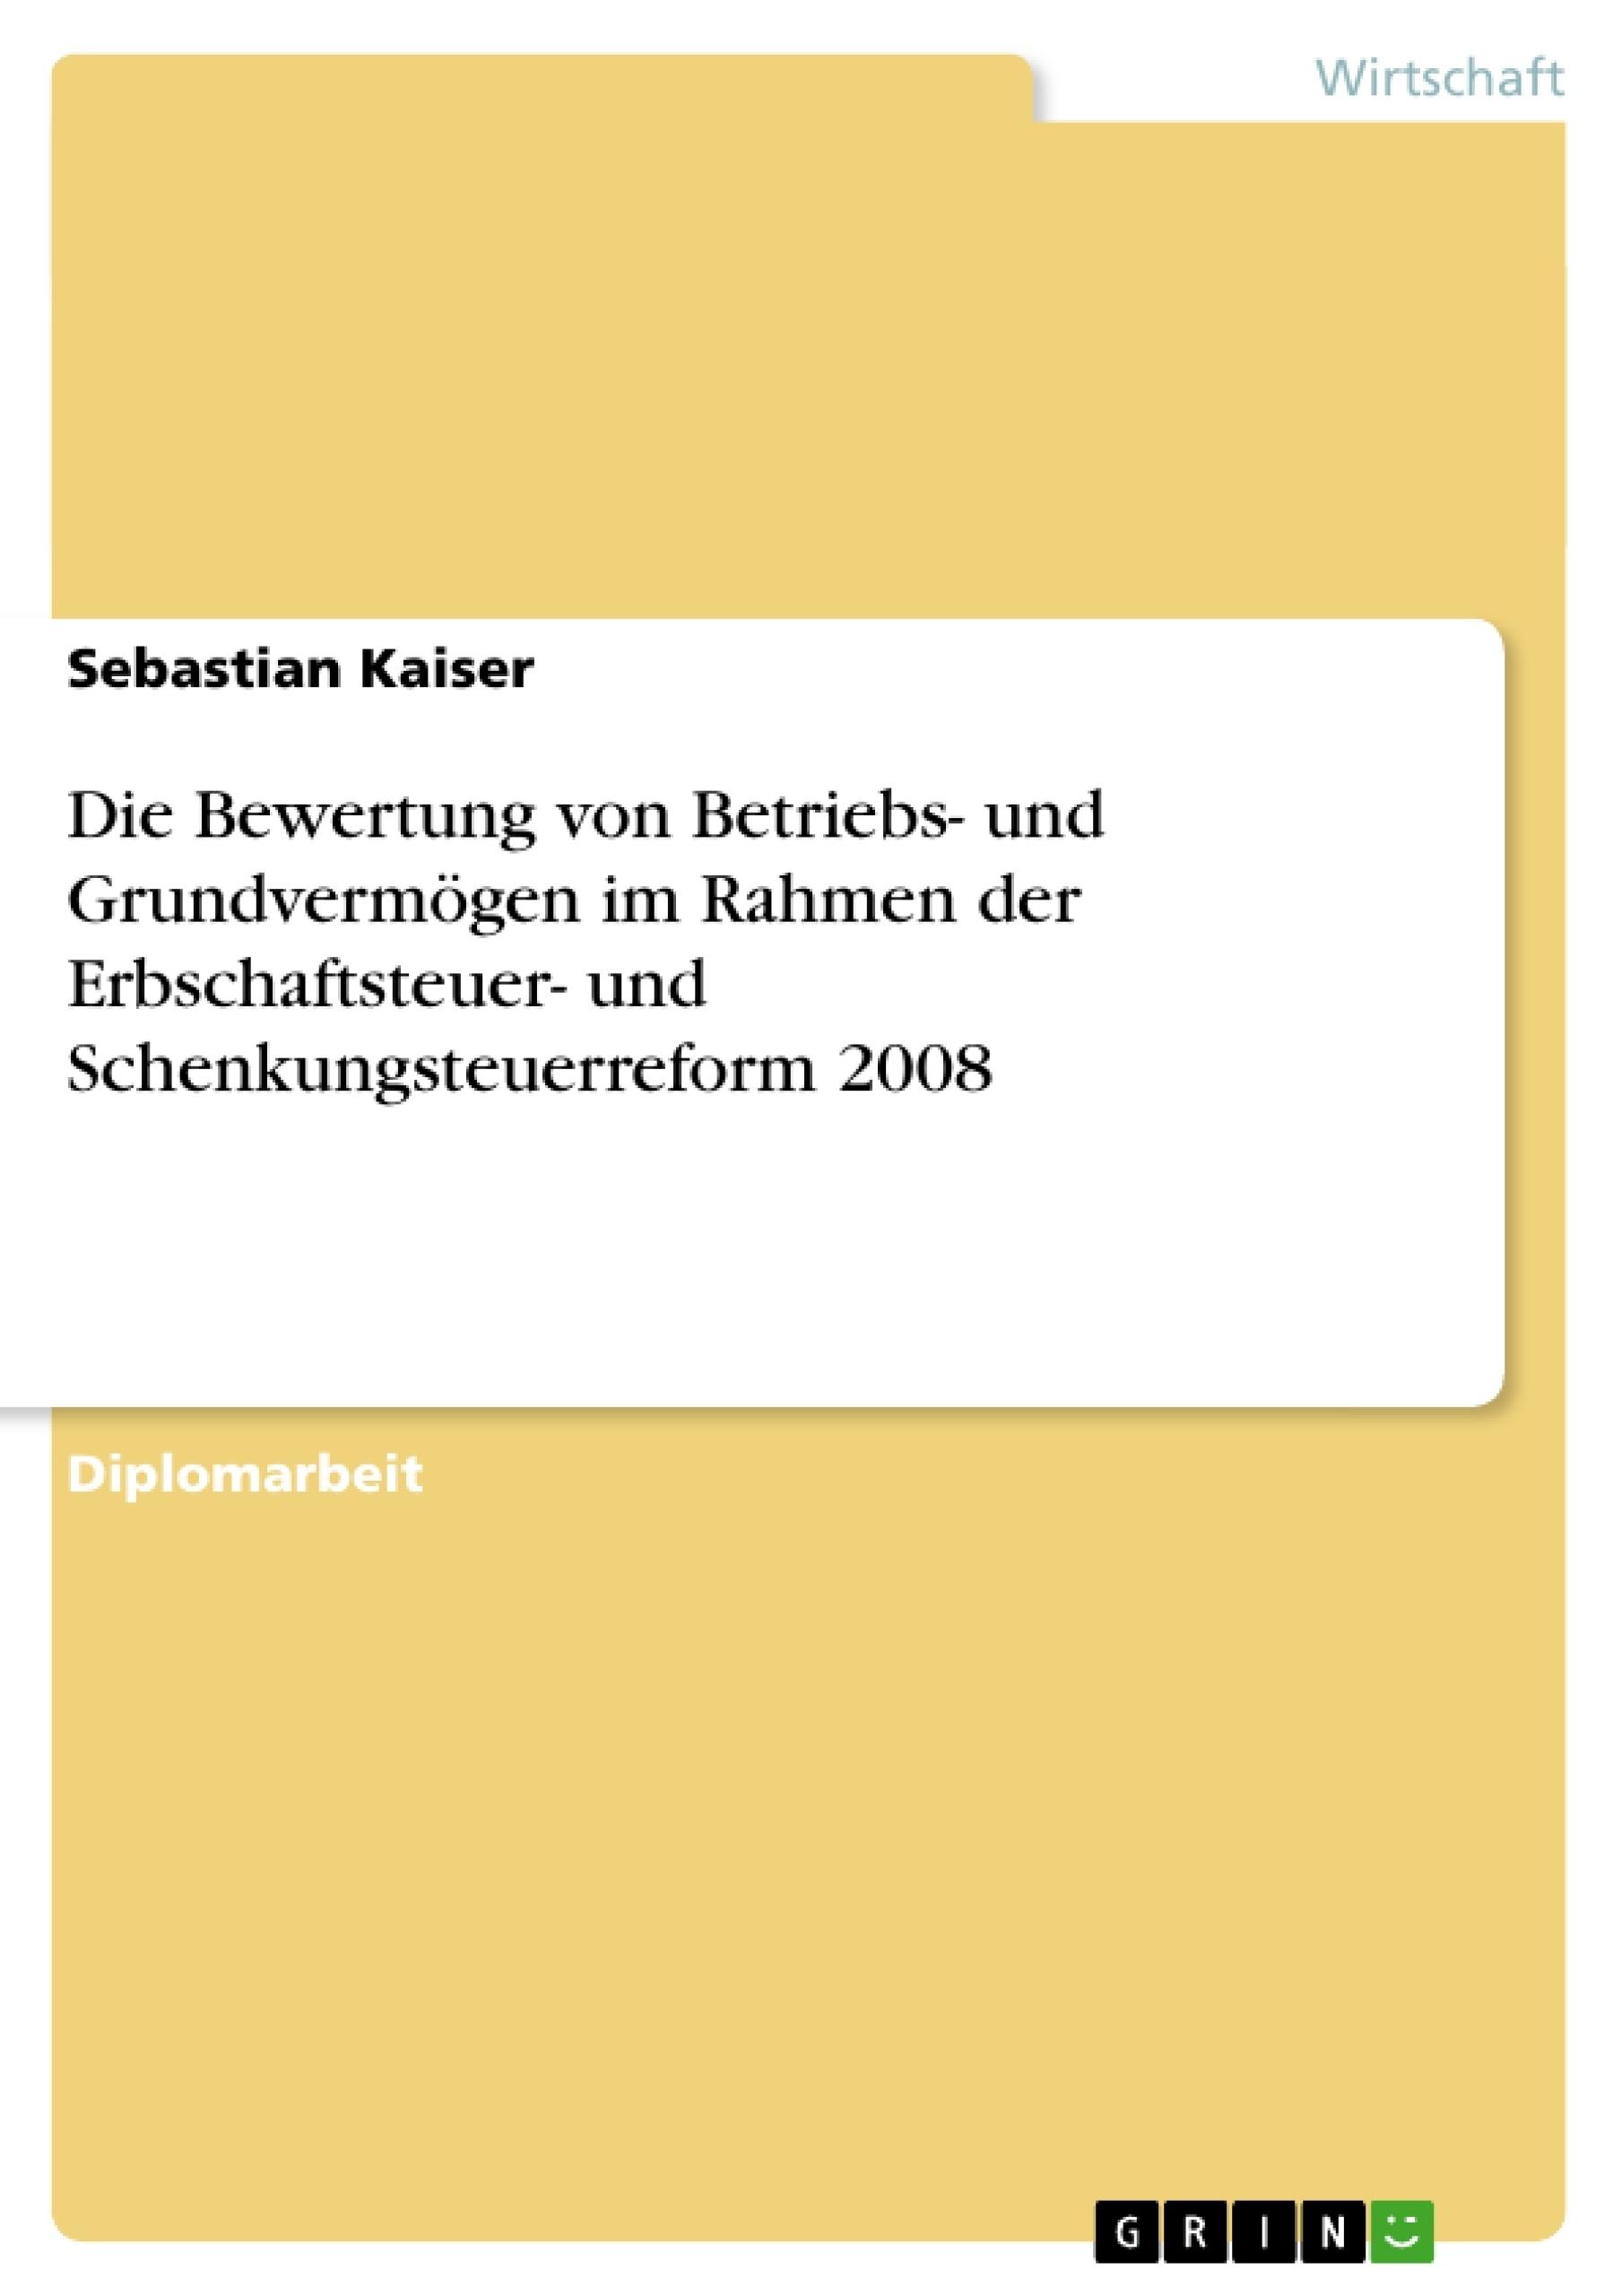 Die Bewertung von Betriebs- und Grundvermögen im Rahmen der ...